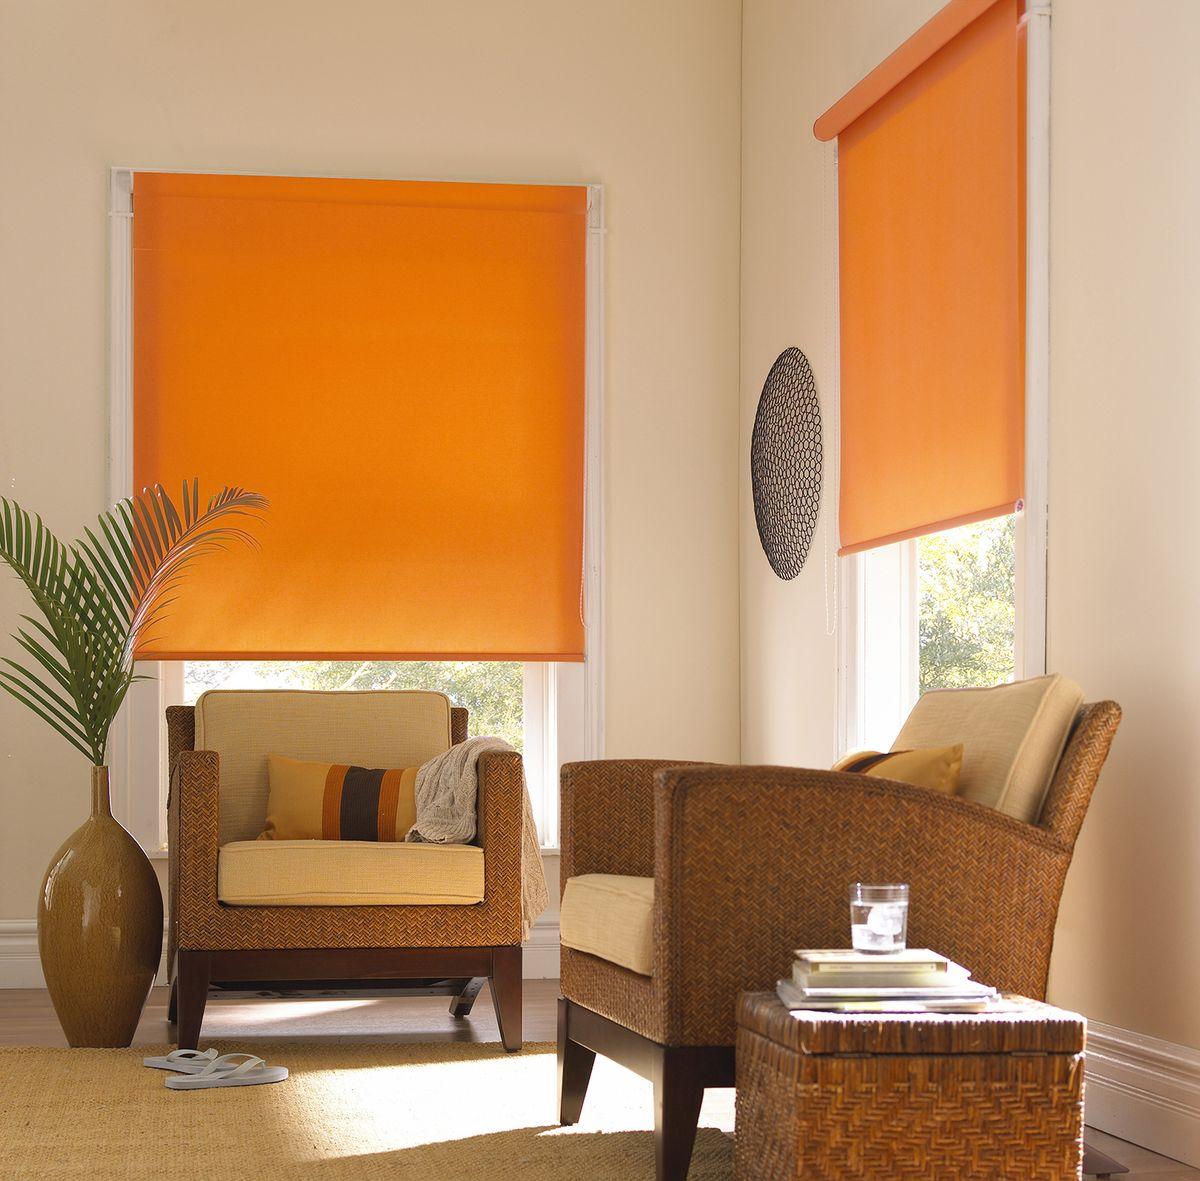 Штора рулонная Эскар Миниролло, цвет: апельсин, ширина 48 см, высота 170 см304944115160Рулонная штора Эскар Миниролло выполнена из высокопрочной ткани, которая сохраняет свой размер даже при намокании. Ткань не выцветает и обладает отличной цветоустойчивостью.Миниролло - это подвид рулонных штор, который закрывает не весь оконный проем, а непосредственно само стекло. Такие шторы крепятся на раму без сверления при помощи зажимов или клейкой двухсторонней ленты (в комплекте). Окно остается на гарантии, благодаря монтажу без сверления. Такая штора станет прекрасным элементом декора окна и гармонично впишется в интерьер любого помещения.